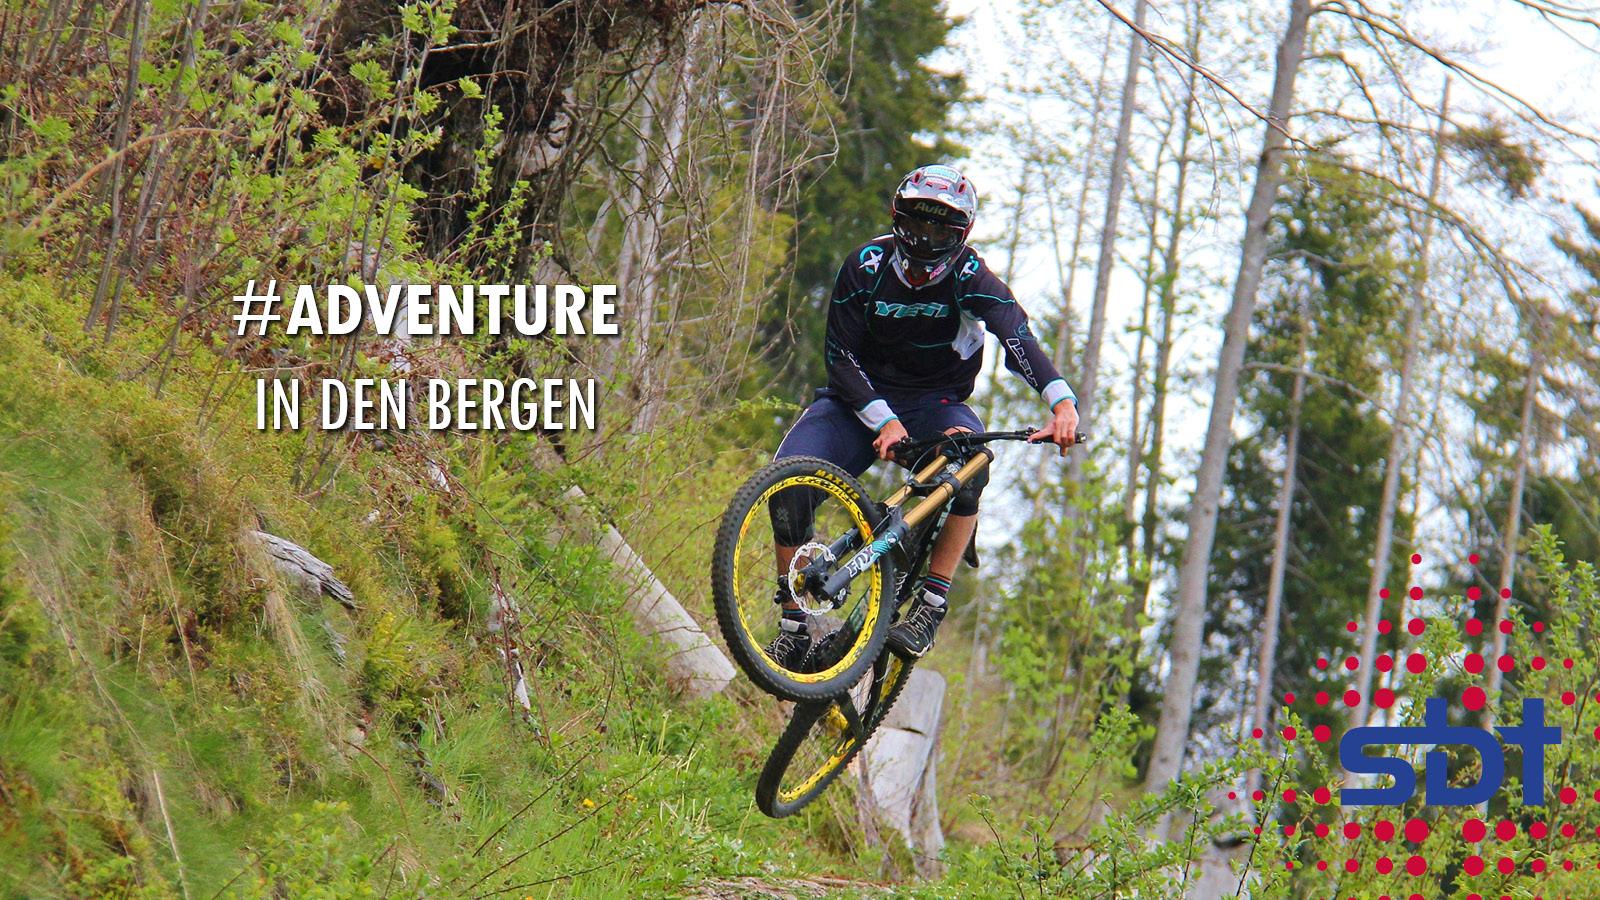 Berner Oberland - Adventure und Action - Downhillfahrer im Wald